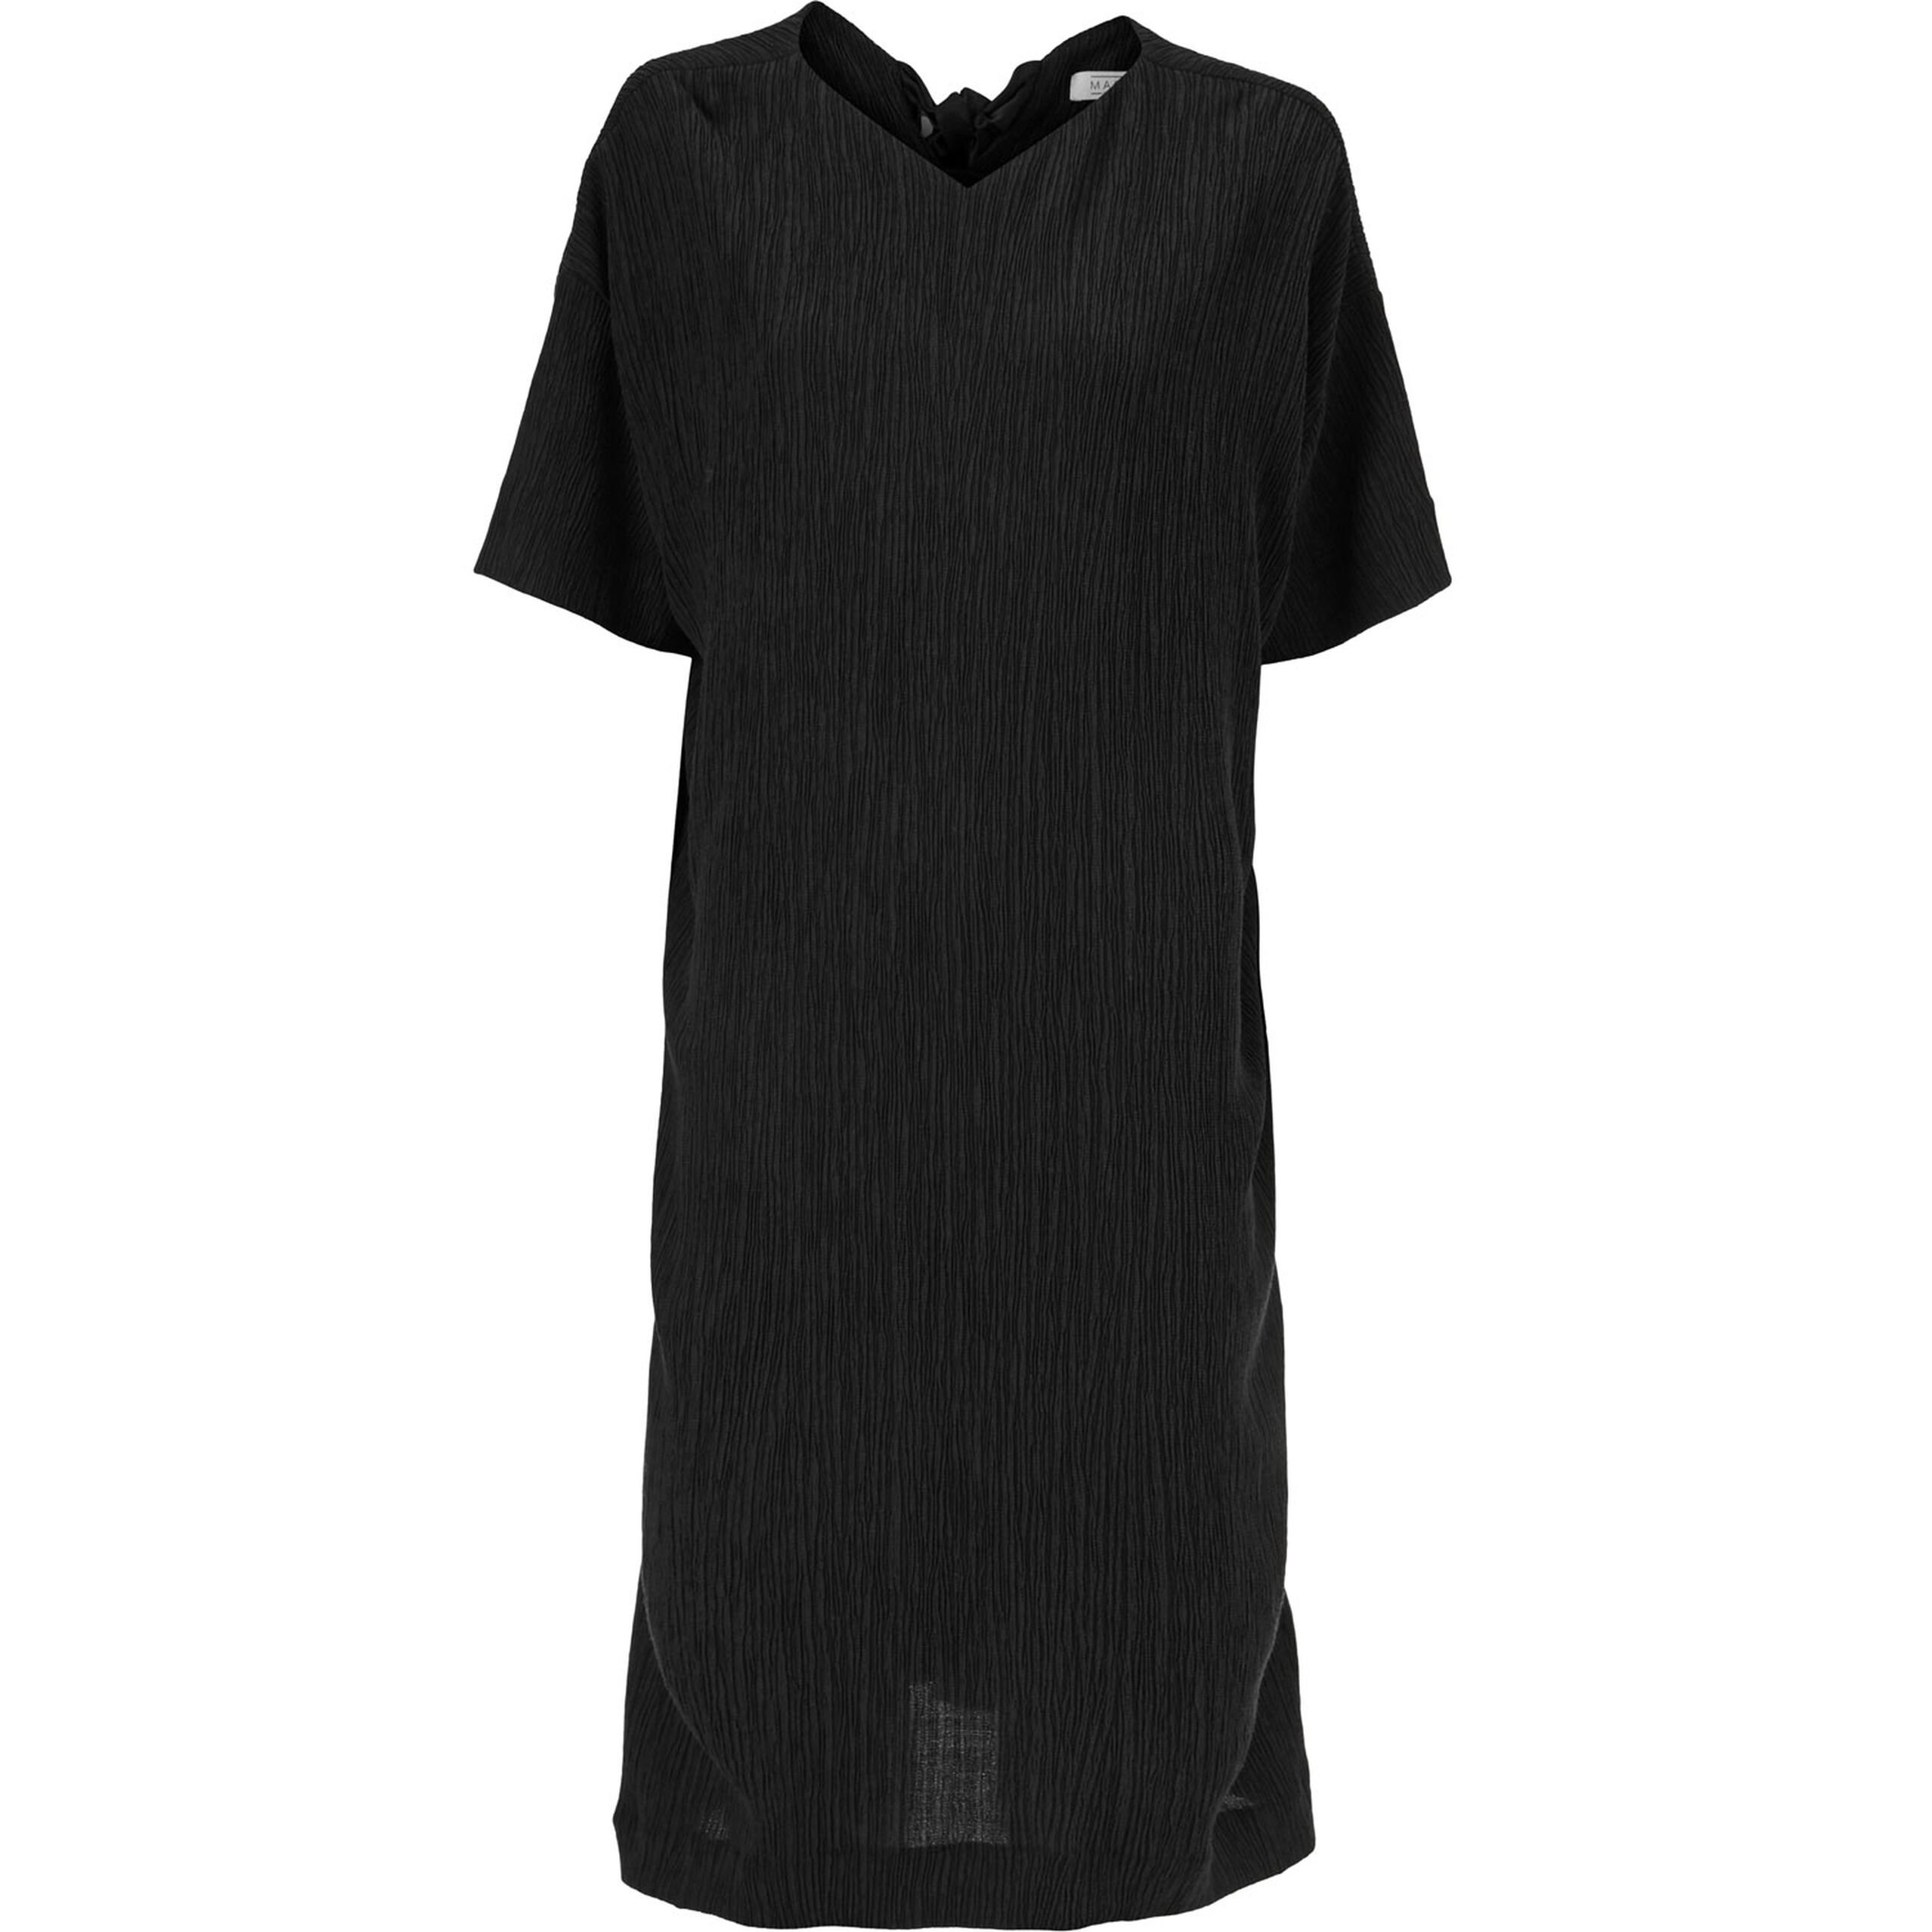 NYA DRESS, Black, hi-res